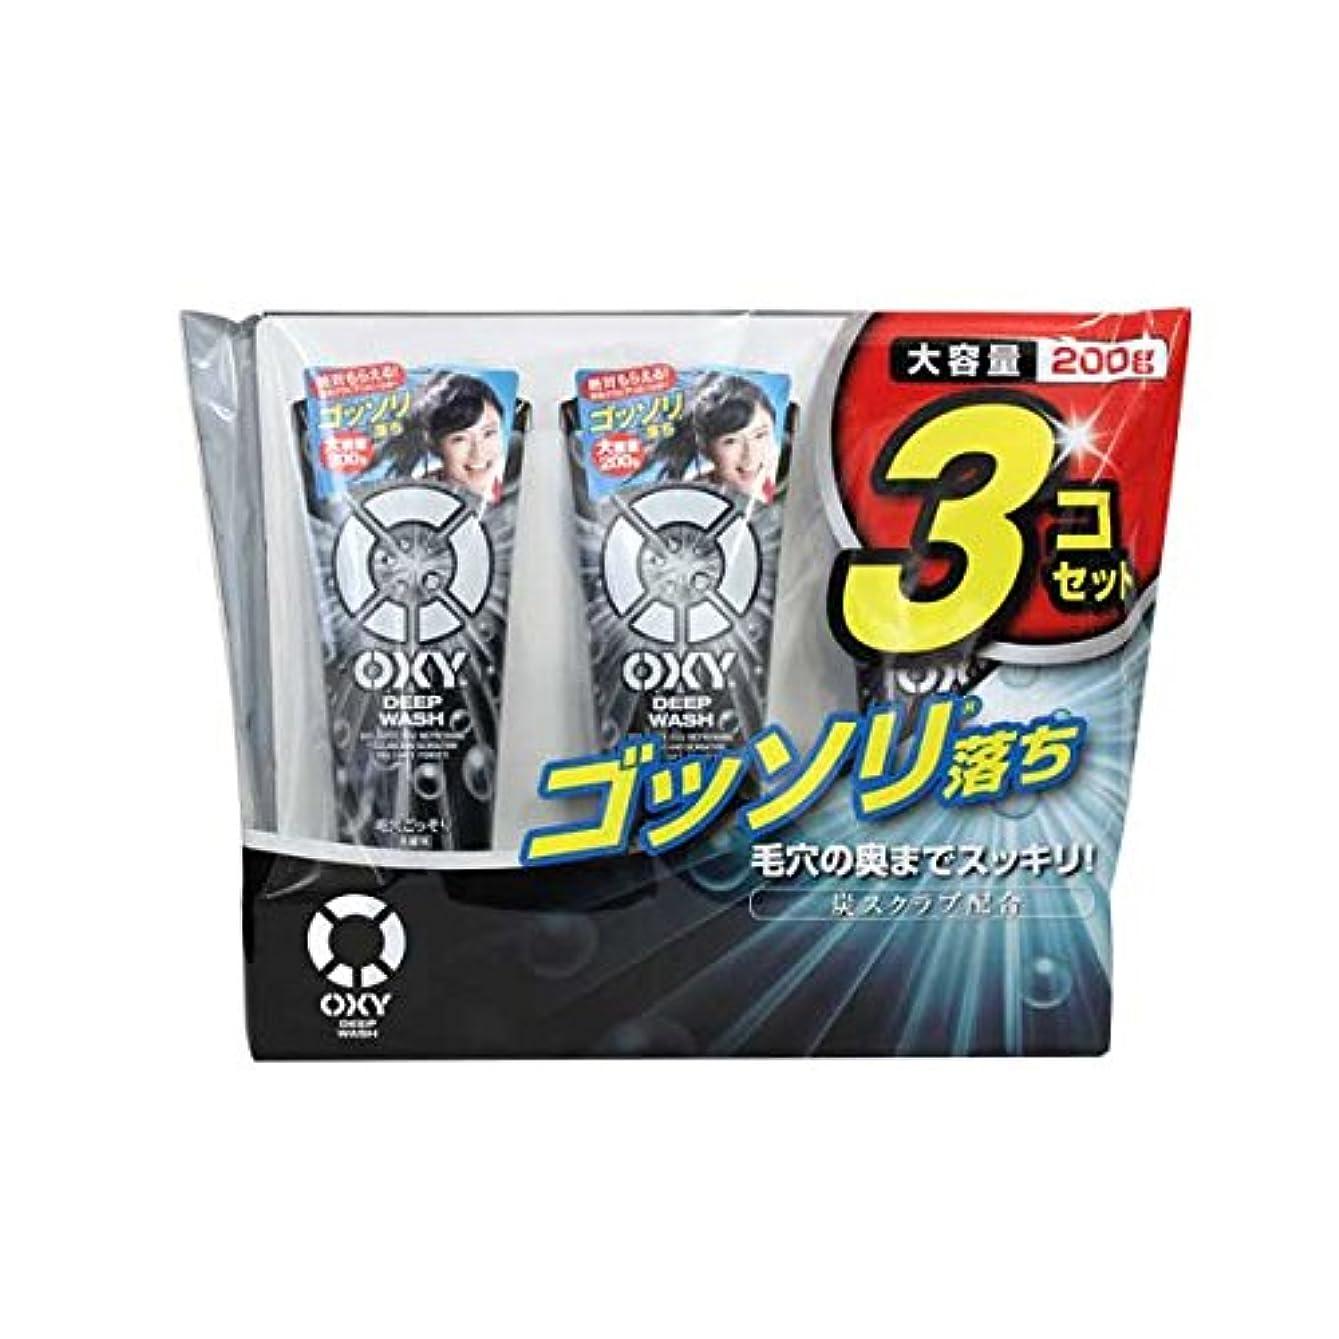 白内障裏切り顕現OXY 炭スクラブ洗顔料 大容量 200gx3本